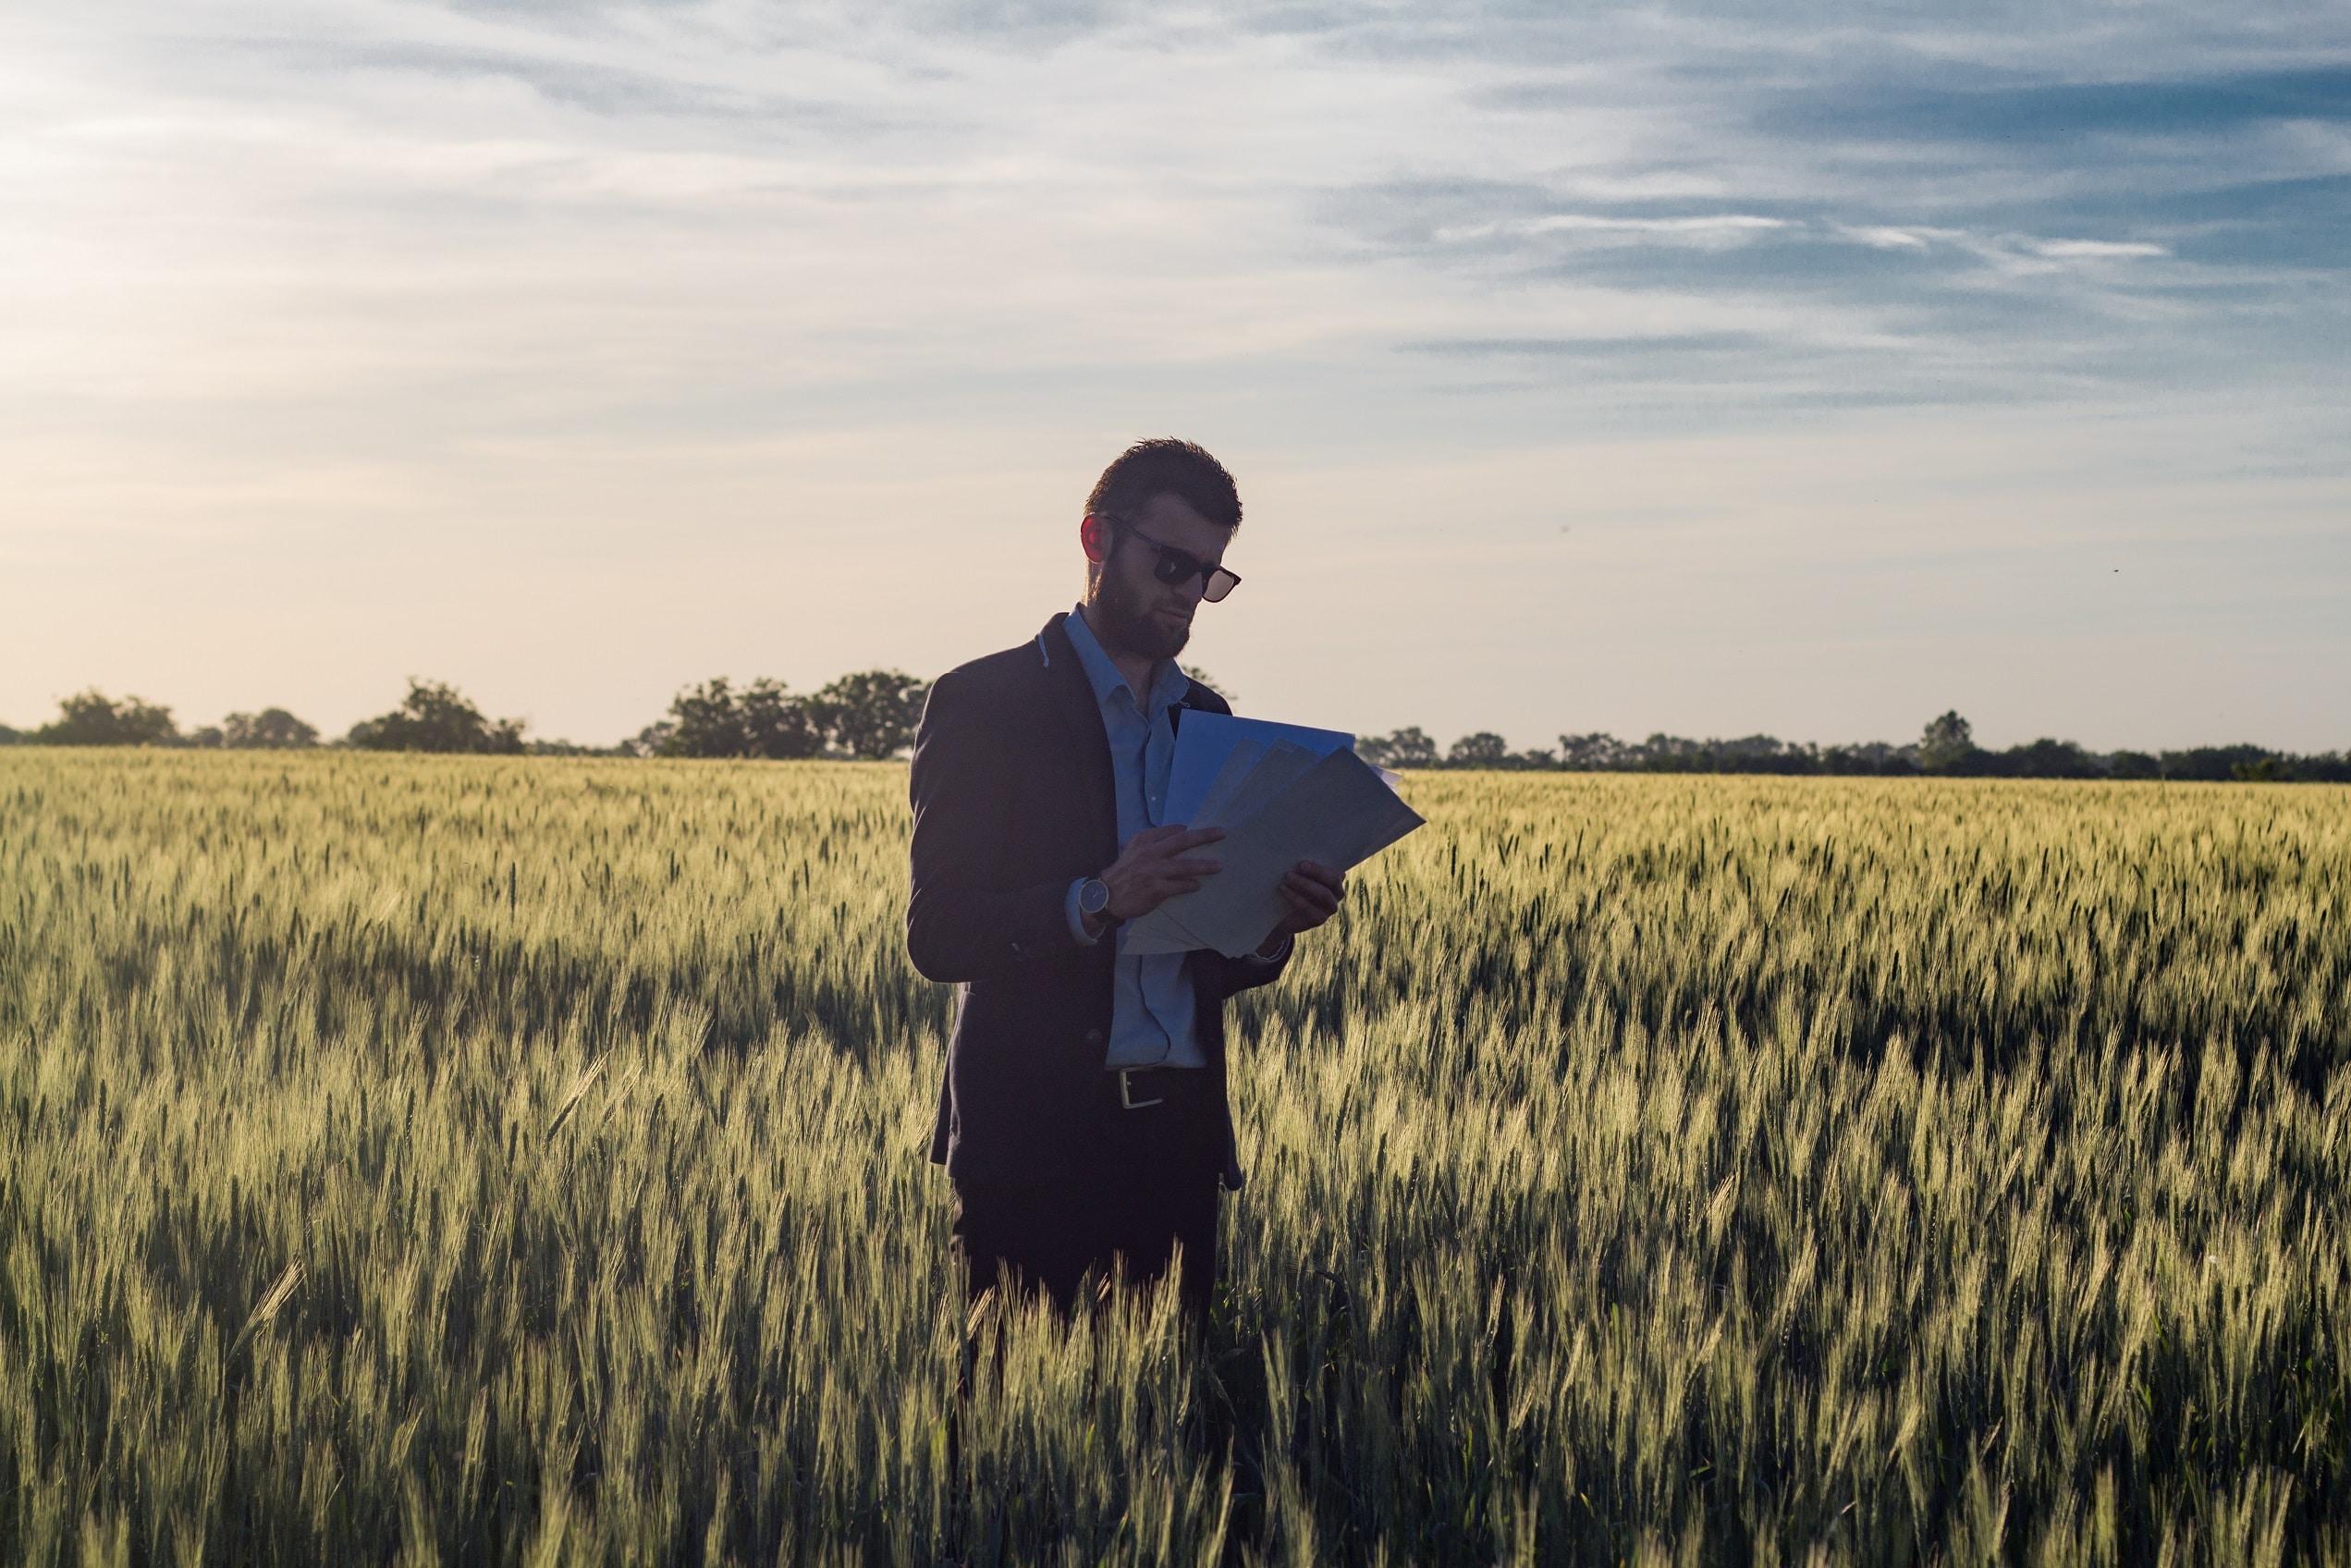 kevytyrittäjän heinäkuu. Pukumies pellolla.